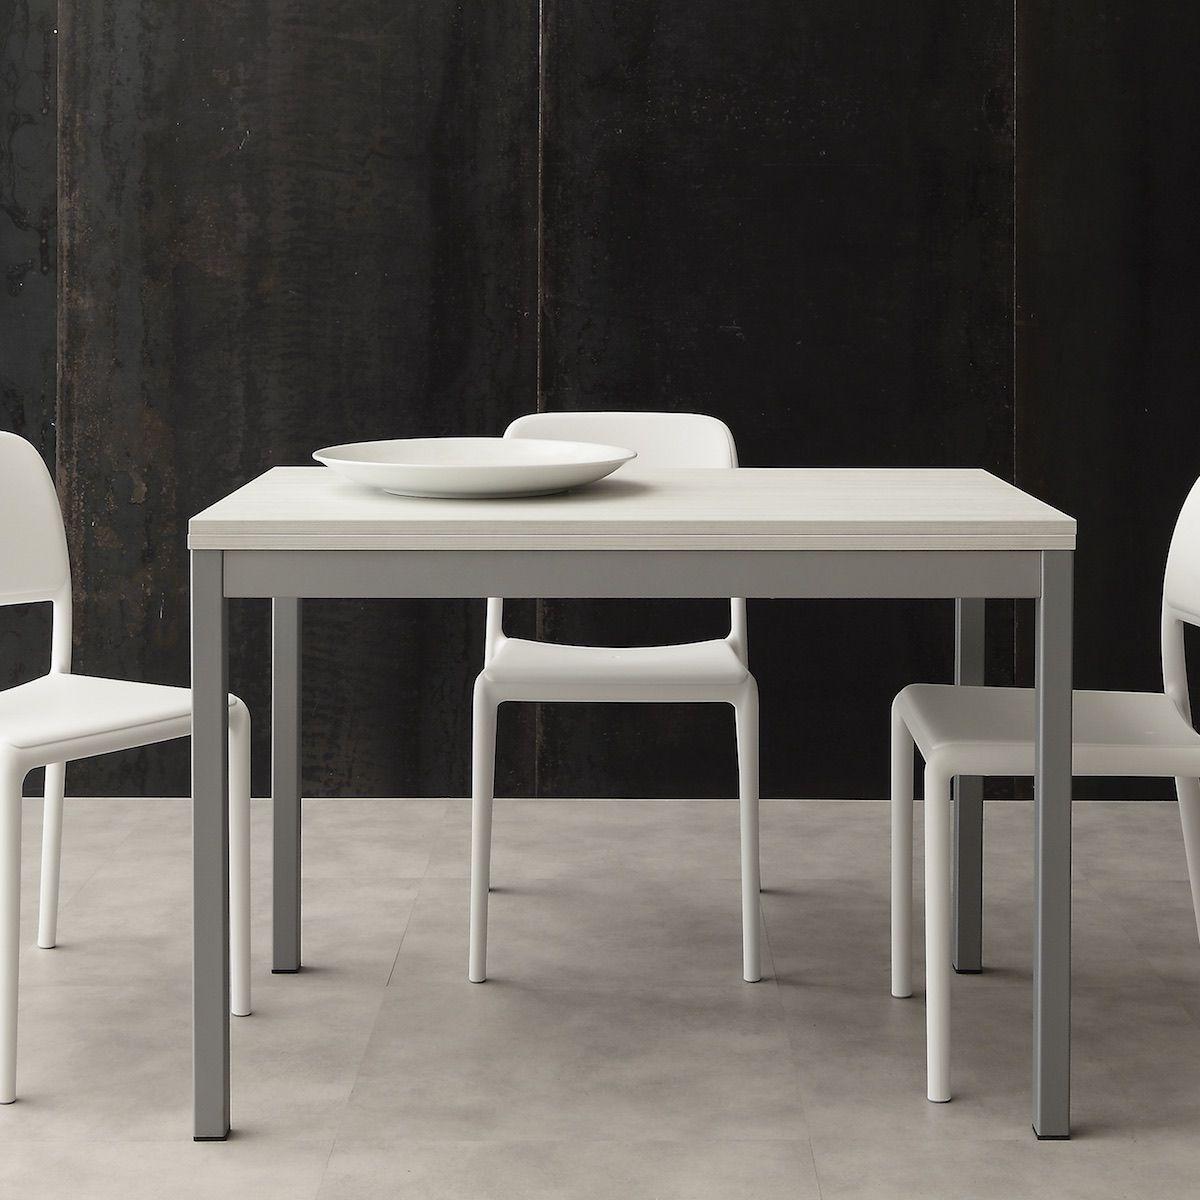 Tavolo Quadrato A Libro.Tavolo Quadrato Allungabile Design Moderno Conrado Tavolo